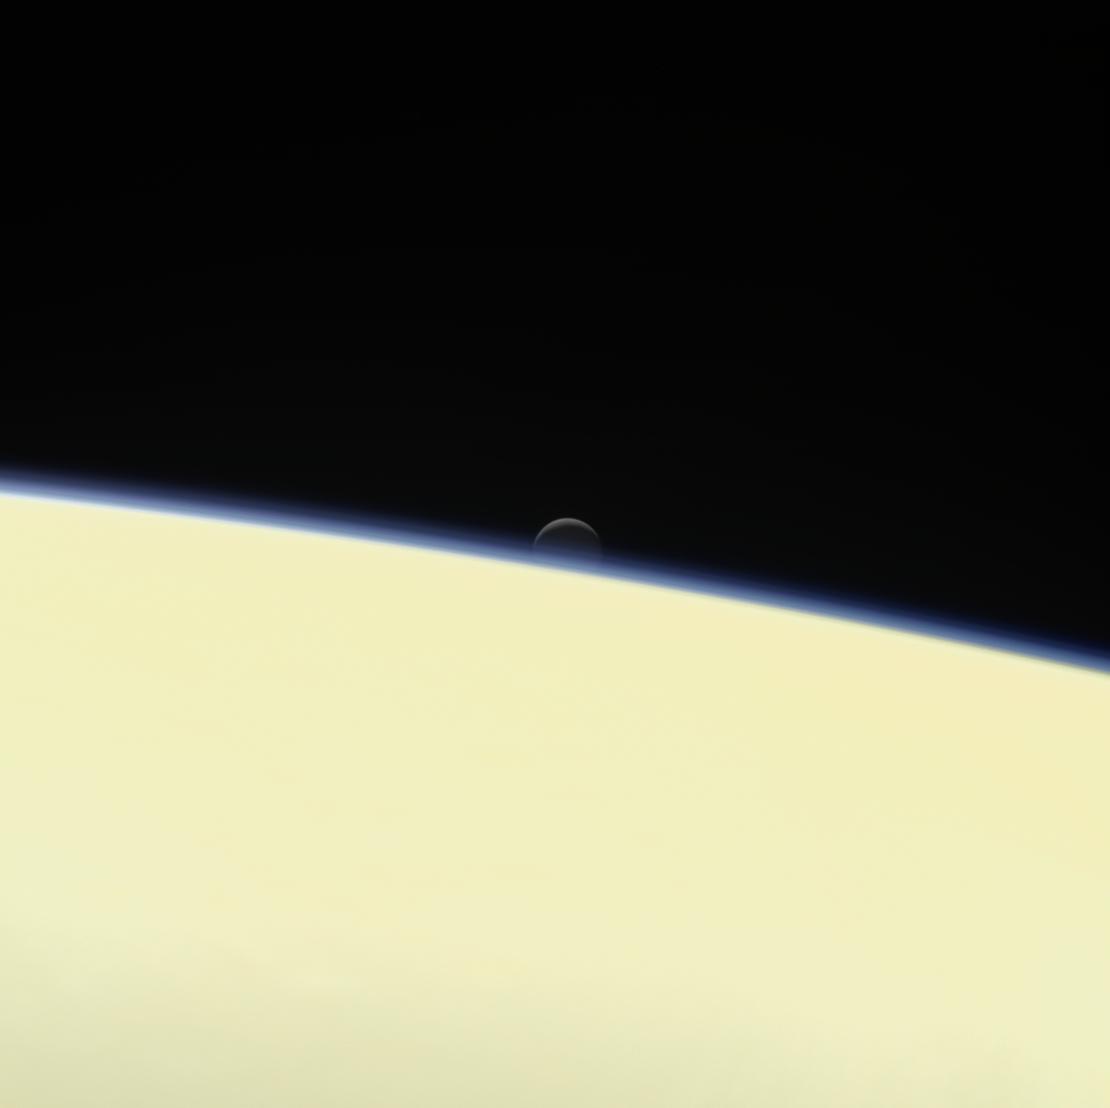 Enceladus sets behind Saturn